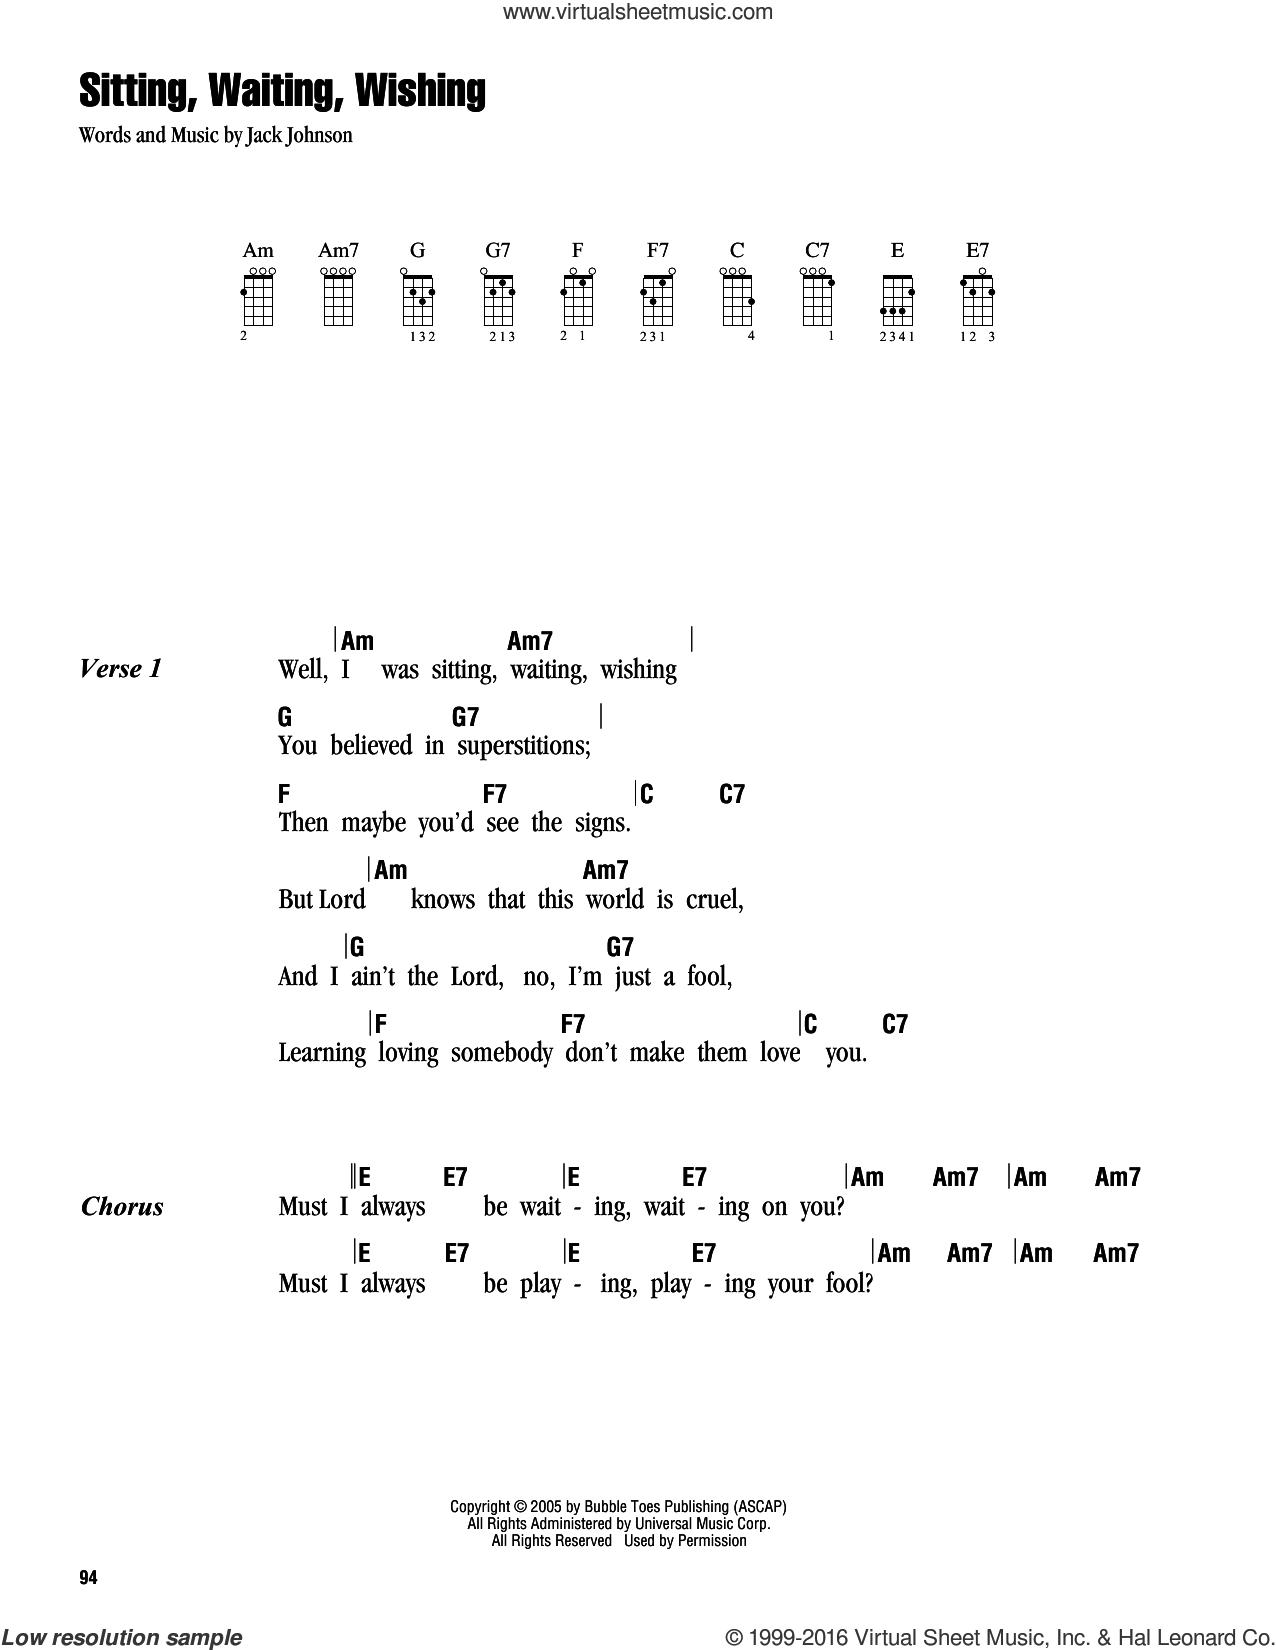 Sitting, Waiting, Wishing sheet music for ukulele (chords) by Jack Johnson, intermediate skill level